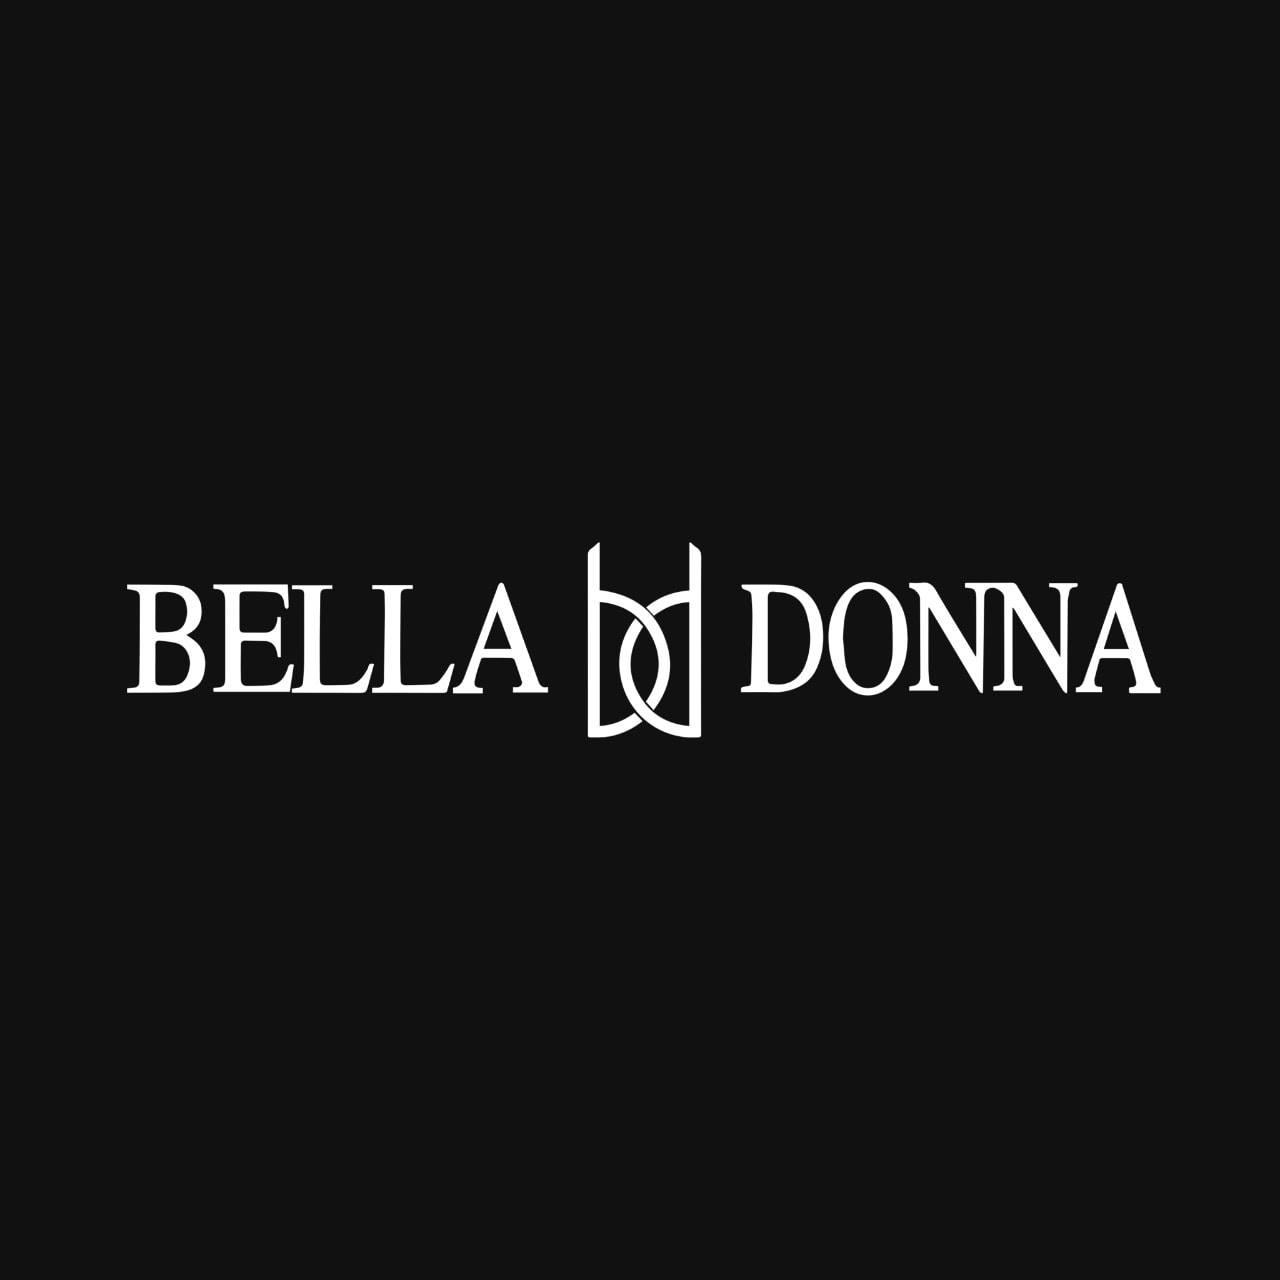 بيلا دونا Bella Donna